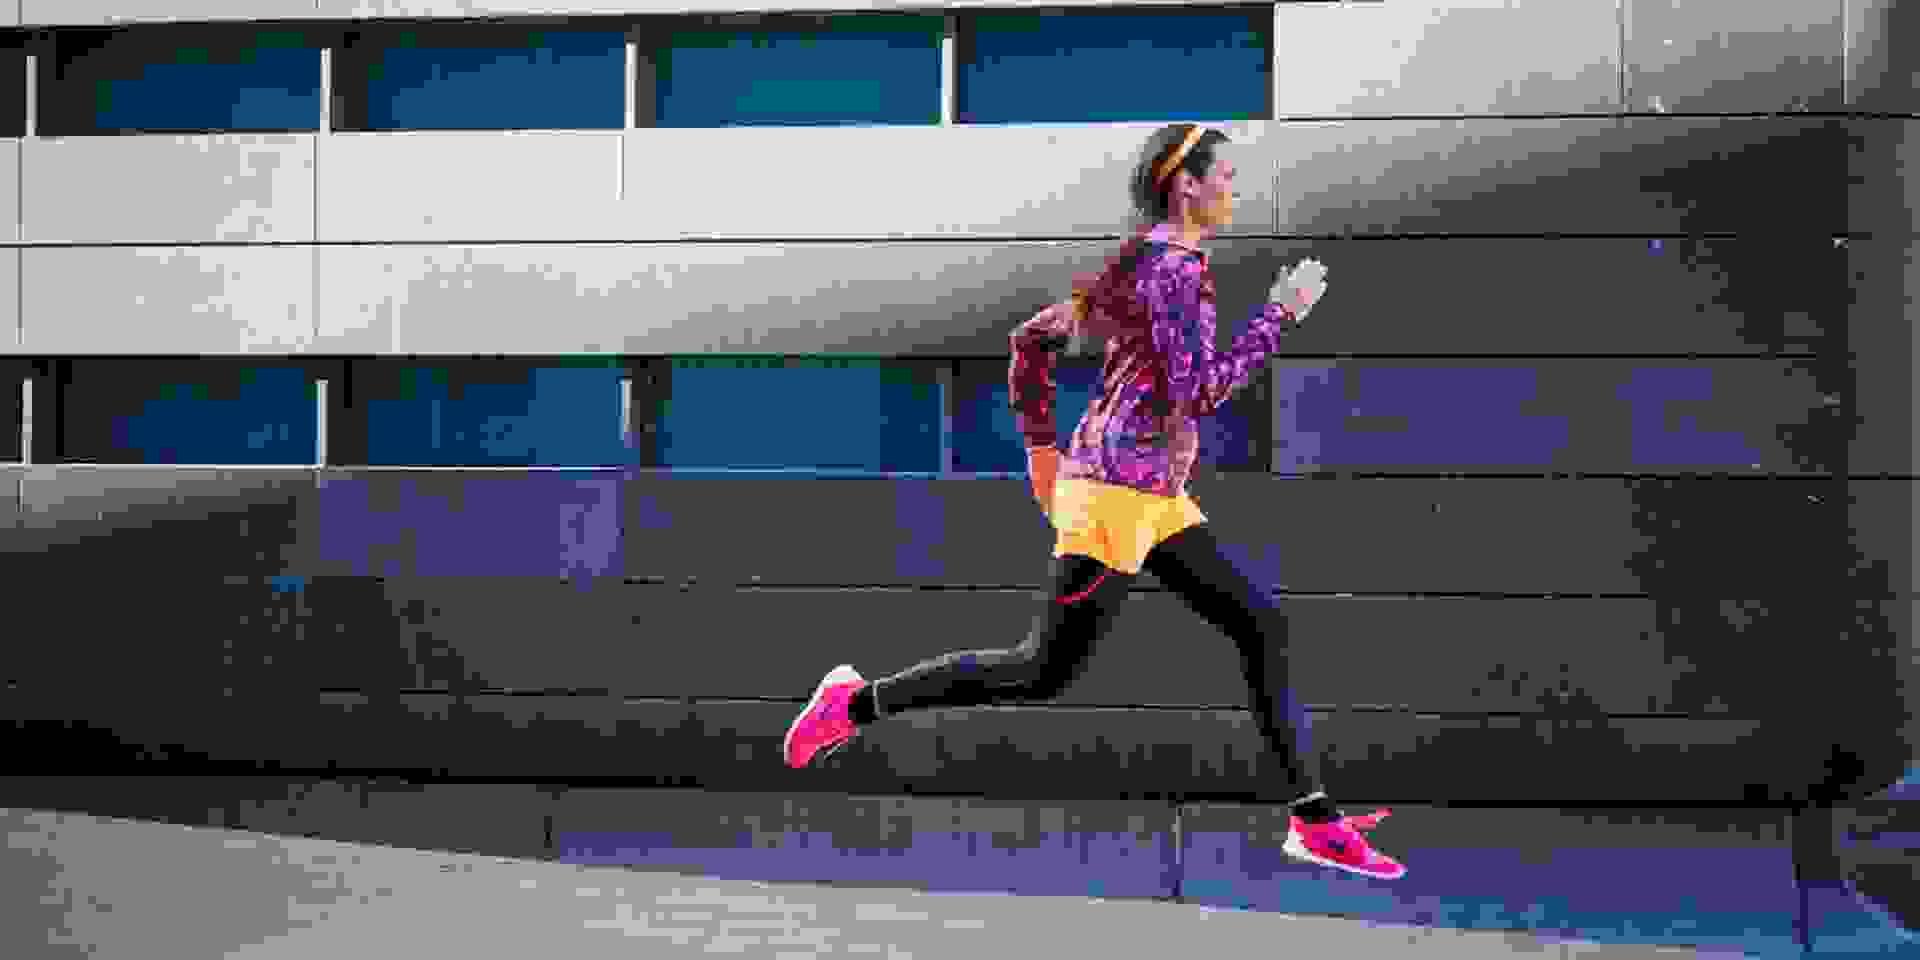 Eine Frau traininert für einen Halbmarathon. Sie läuft eine Straße entlang.